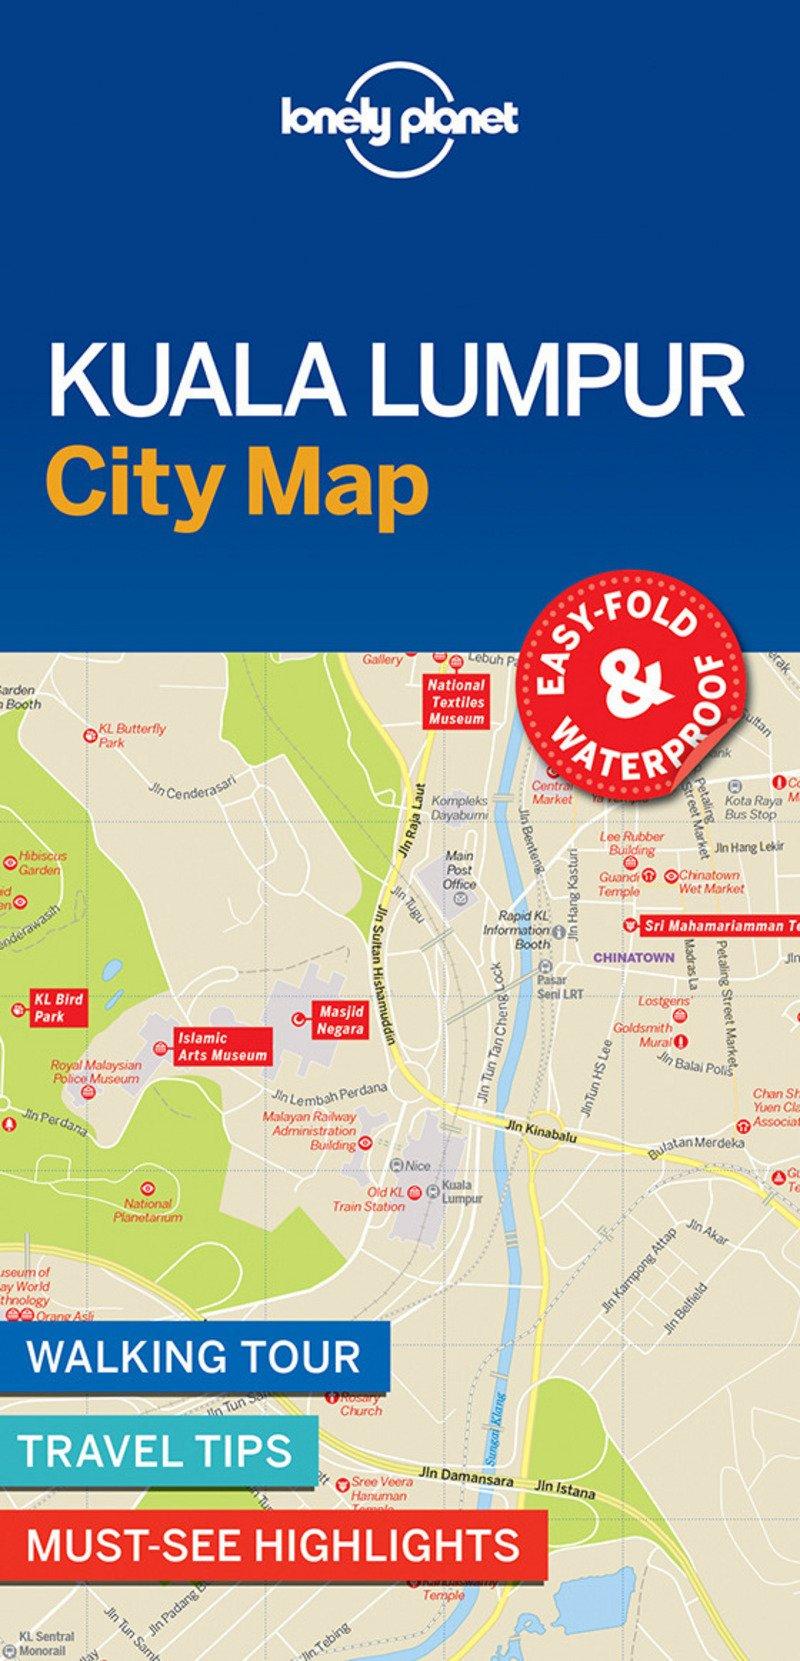 Kuala Lumpur City Map (Lonely Planet City Map)